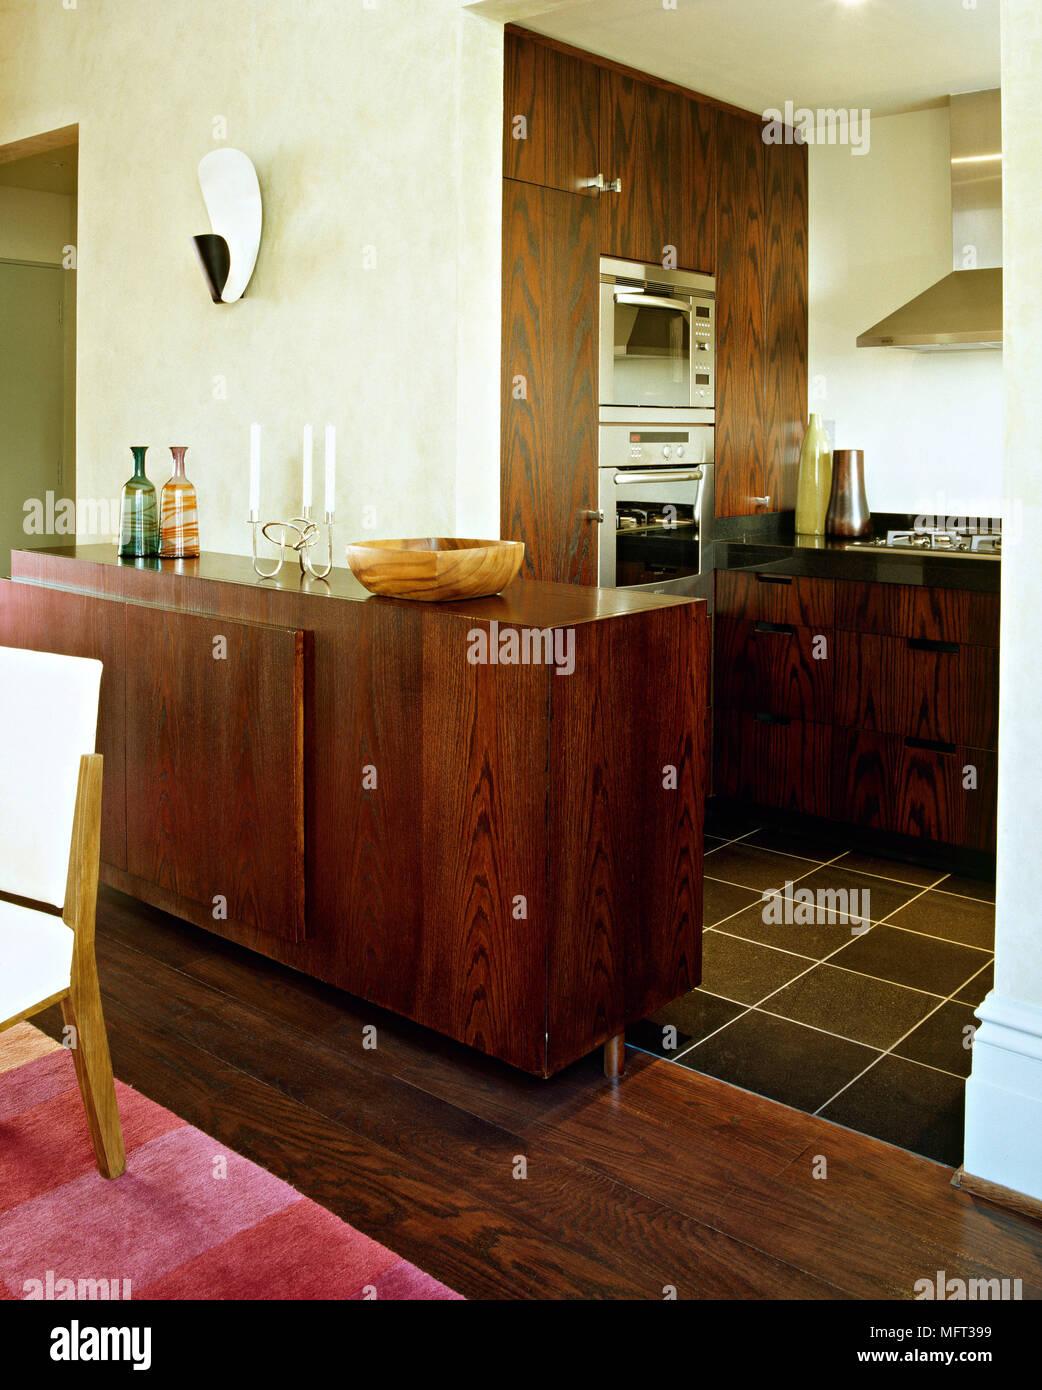 Moderna cucina a pianta aperta dettaglio unità di legno credenza ...